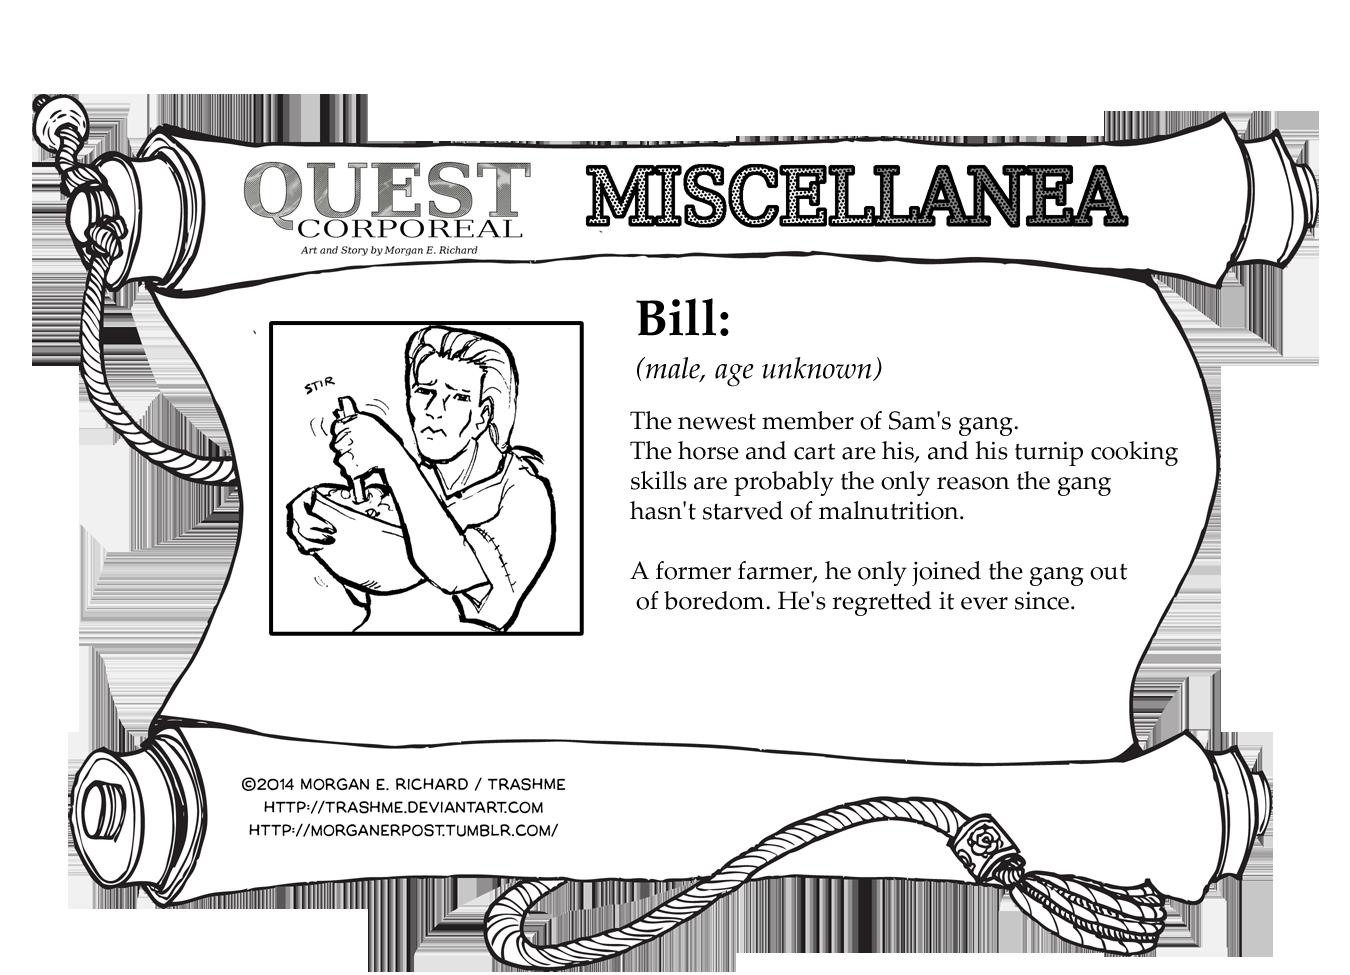 Miscellanea Corporeal: Bill